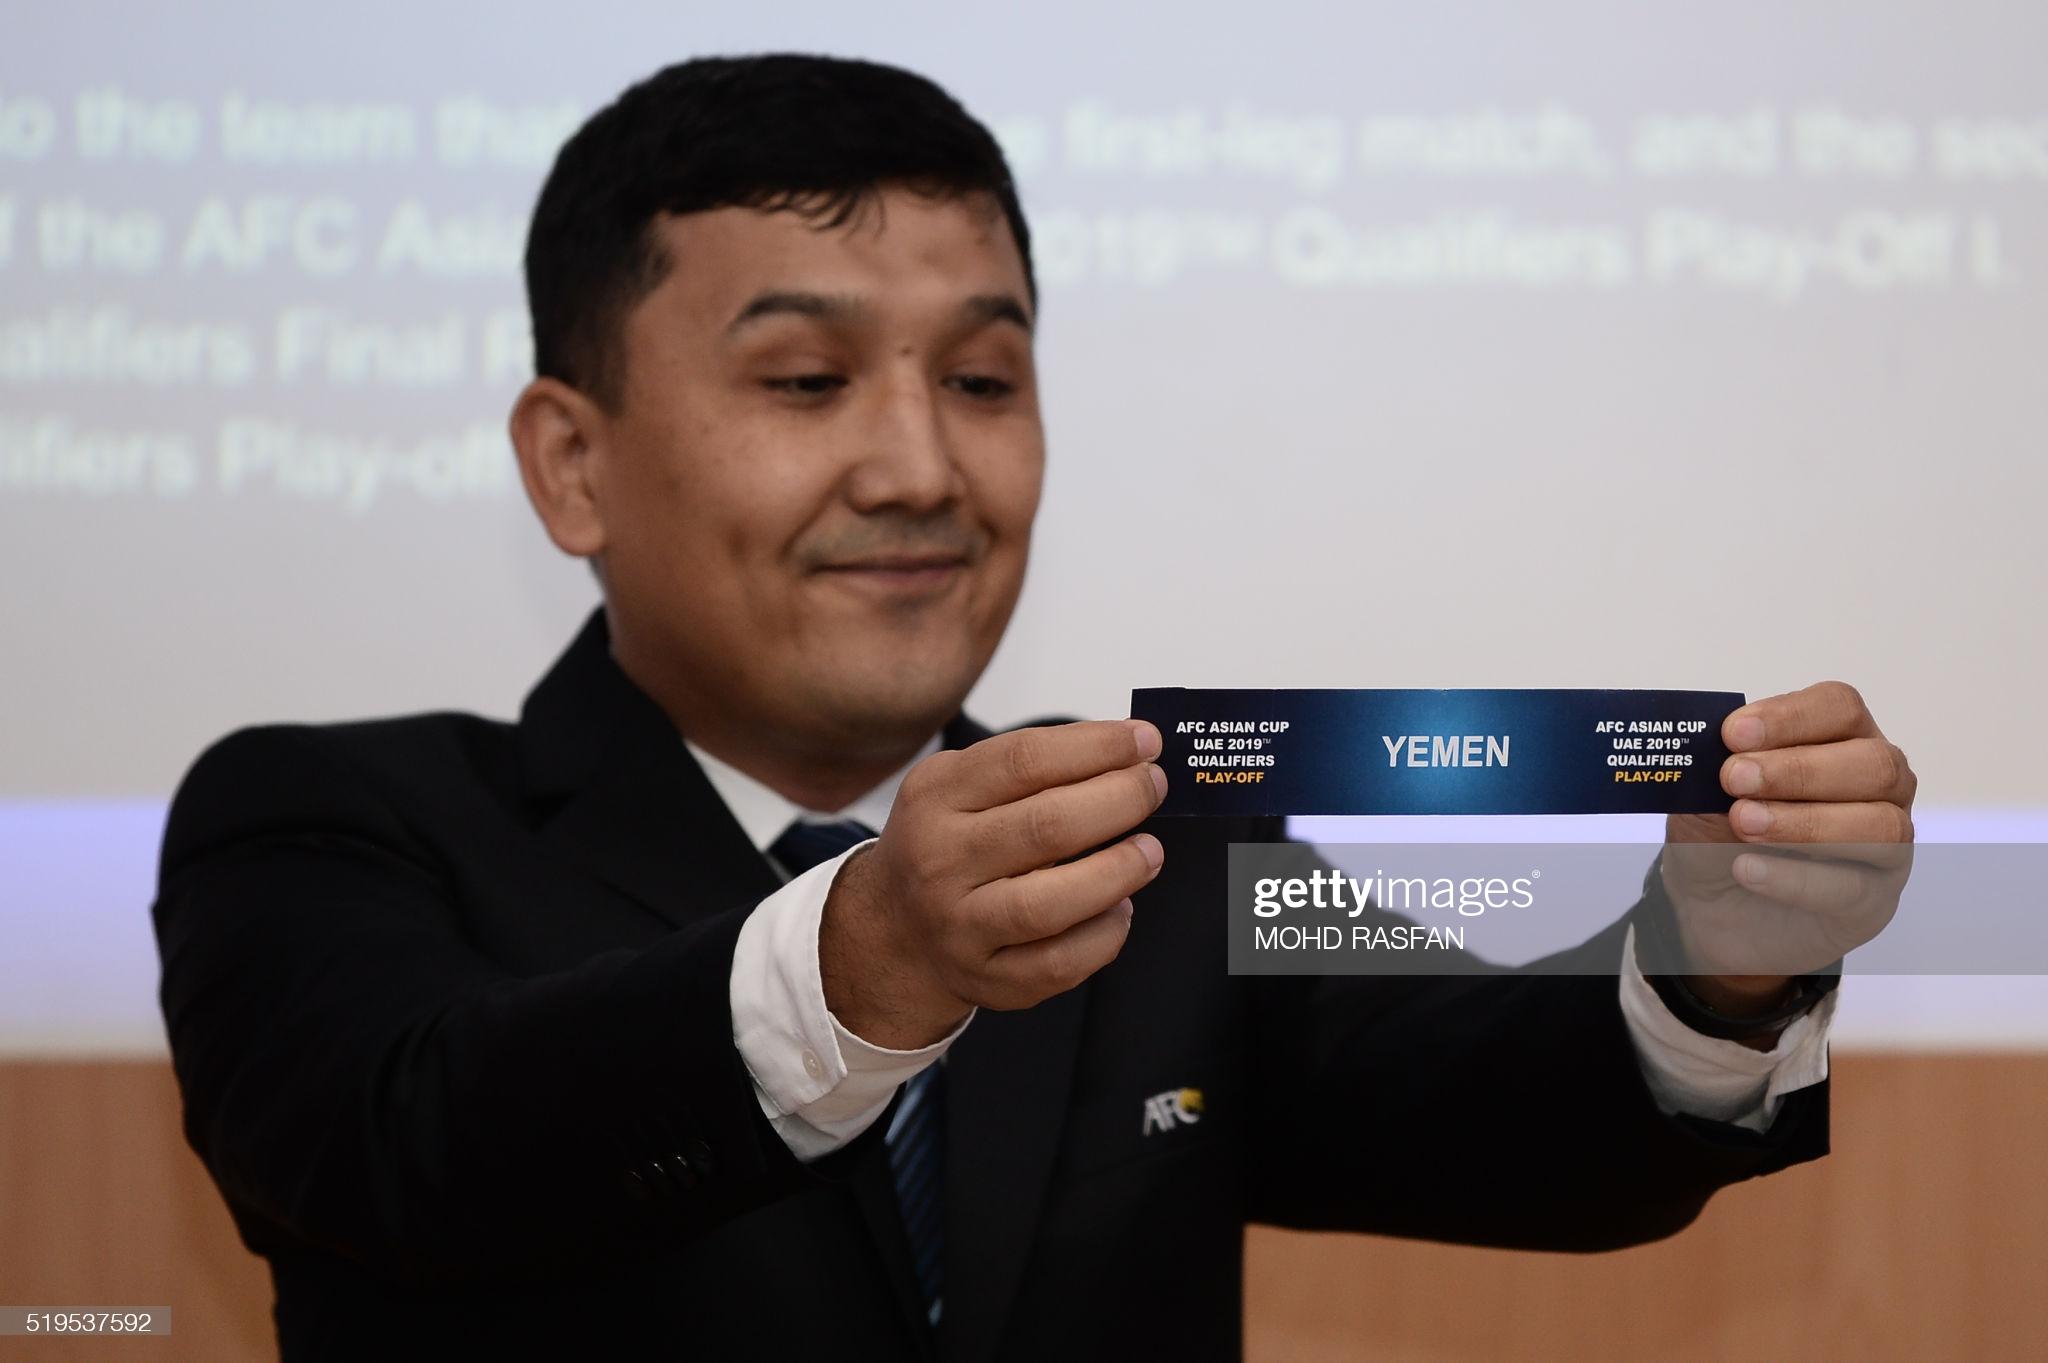 30 cамых влиятельных людей узбекского футбола 2019. Часть 2 (24-19 места)